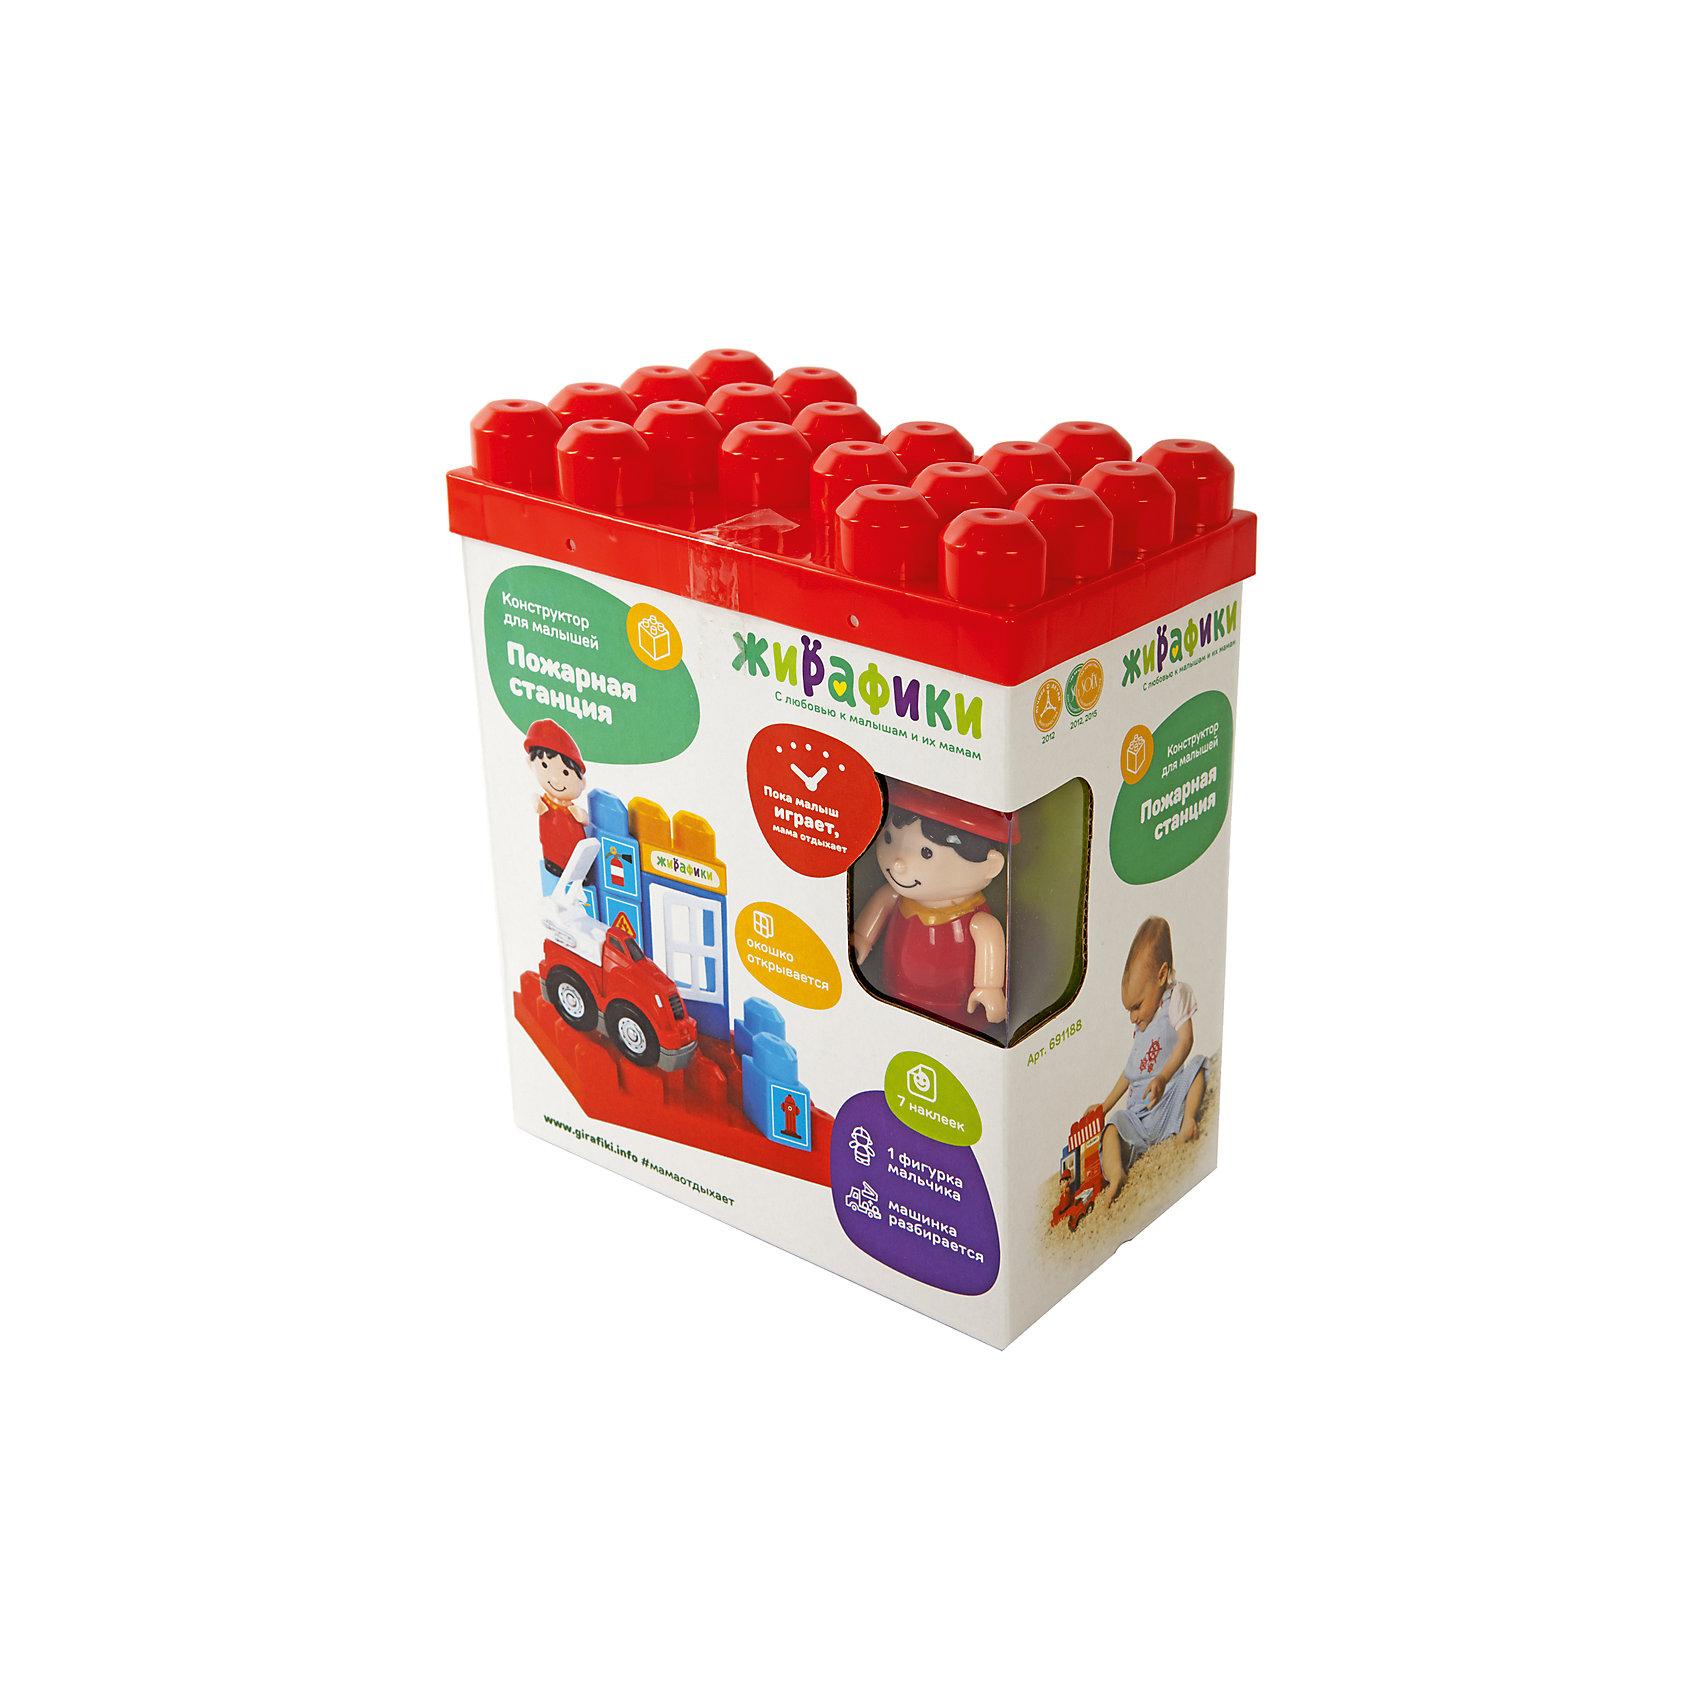 Конструктор для малышей Жирафики Пожарная станция, 12 деталейКонструкторы для малышей<br>Характеристики:<br><br>• крупные детали;<br>• в комплекте фигурка пожарного, машинка и наклейки;<br>• количество деталей: 12;<br>• количество наклеек: 7;<br>• размер основы: 18х12х3,5 см;<br>• материал: пластик;<br>• возраст: с 18 месяцев;<br>• размер упаковки: 11,5х22х18 см;<br>• вес: 479 грамм;<br>• страна бренда: Россия.<br><br>Юные строители будут в восторге от конструктора Пожарная станция. С его помощью можно построить пожарную станцию с пожарным и пожарной машиной. Готовую станцию можно украсить декоративными наклейками, входящими в комплект.<br><br>Крупные детали удобны для детских ручек и легко соединяются друг с другом.<br><br>Конструктор изготовлен из безопасного пластика.<br><br>Конструктор для малышей с фигурками и наклейками Пожарная станция, 12 деталей, Жирафики можно купить в нашем интернет-магазине.<br><br>Ширина мм: 180<br>Глубина мм: 115<br>Высота мм: 220<br>Вес г: 479<br>Возраст от месяцев: 12<br>Возраст до месяцев: 2147483647<br>Пол: Унисекс<br>Возраст: Детский<br>SKU: 6846895